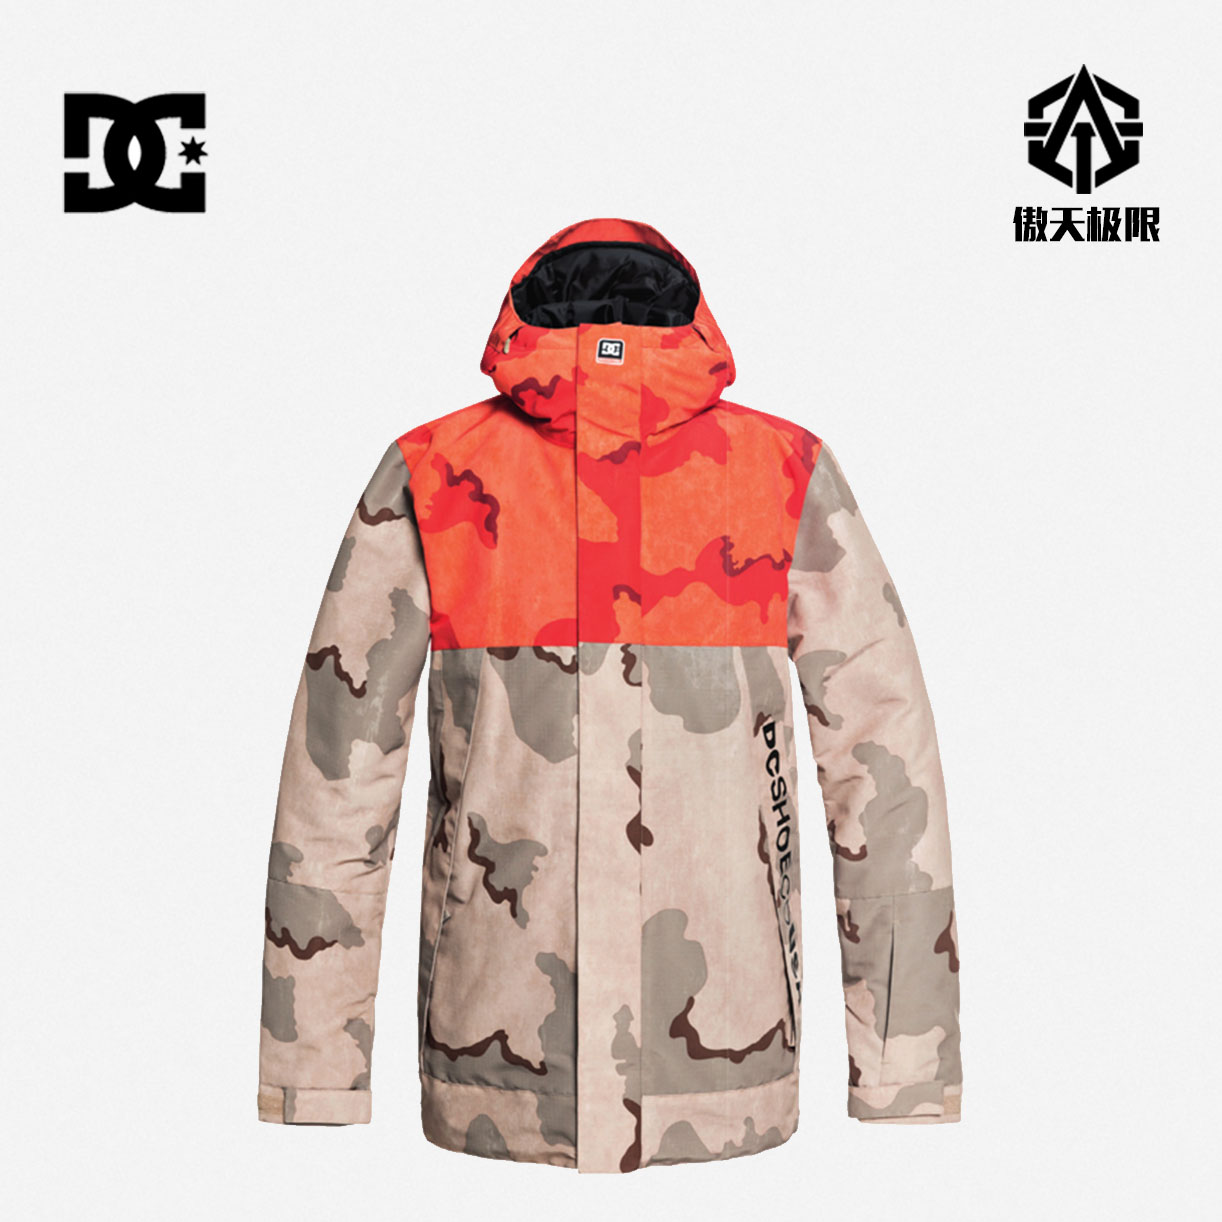 傲天极限 1819 DC  DEFY 男款 单板滑雪服 冲锋衣 保暖防风透气